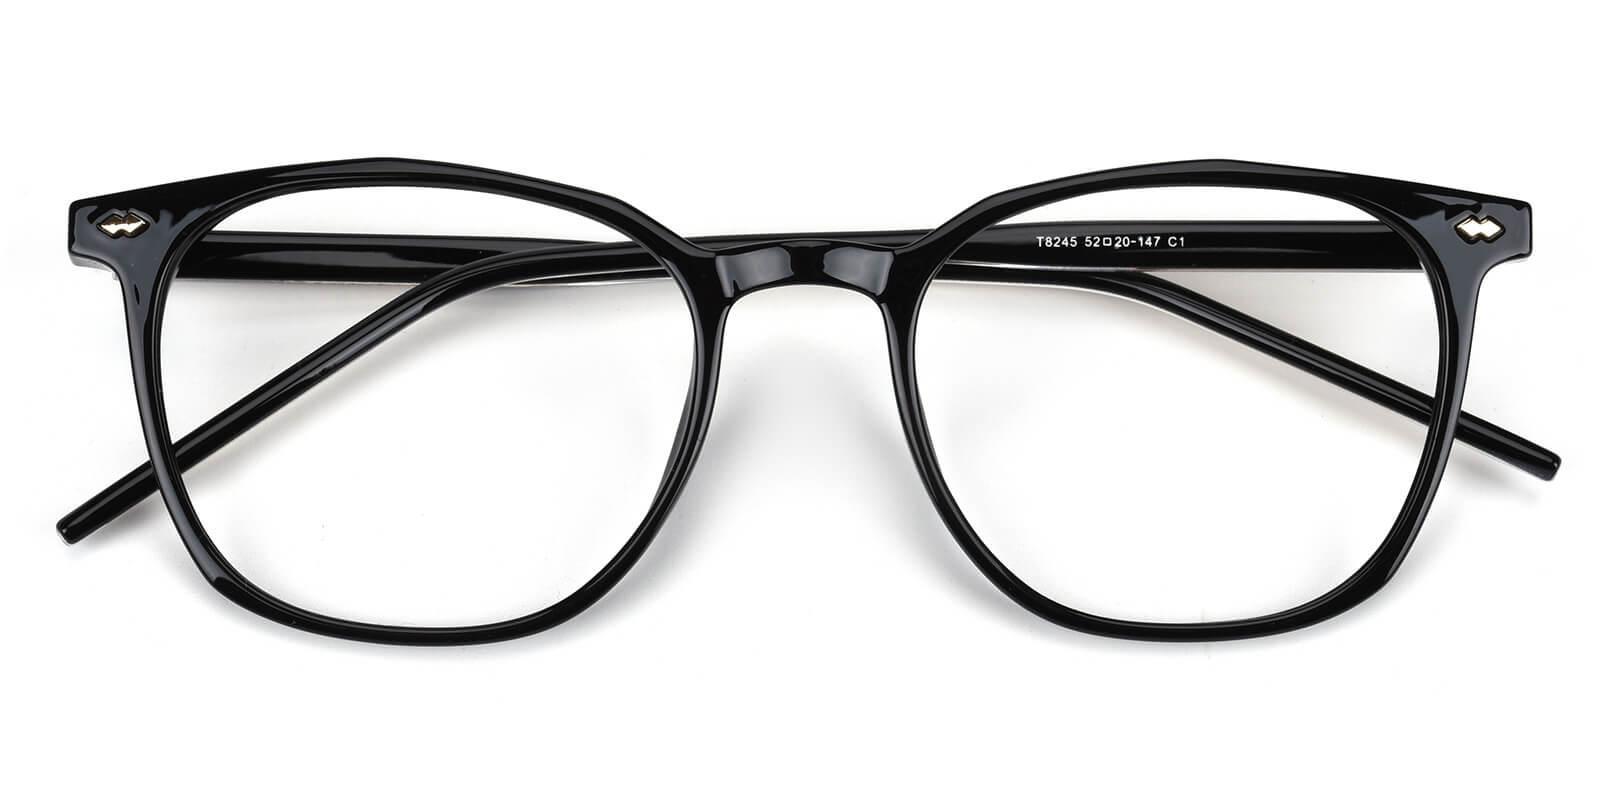 Linking-Black-Round-Acetate-Eyeglasses-detail